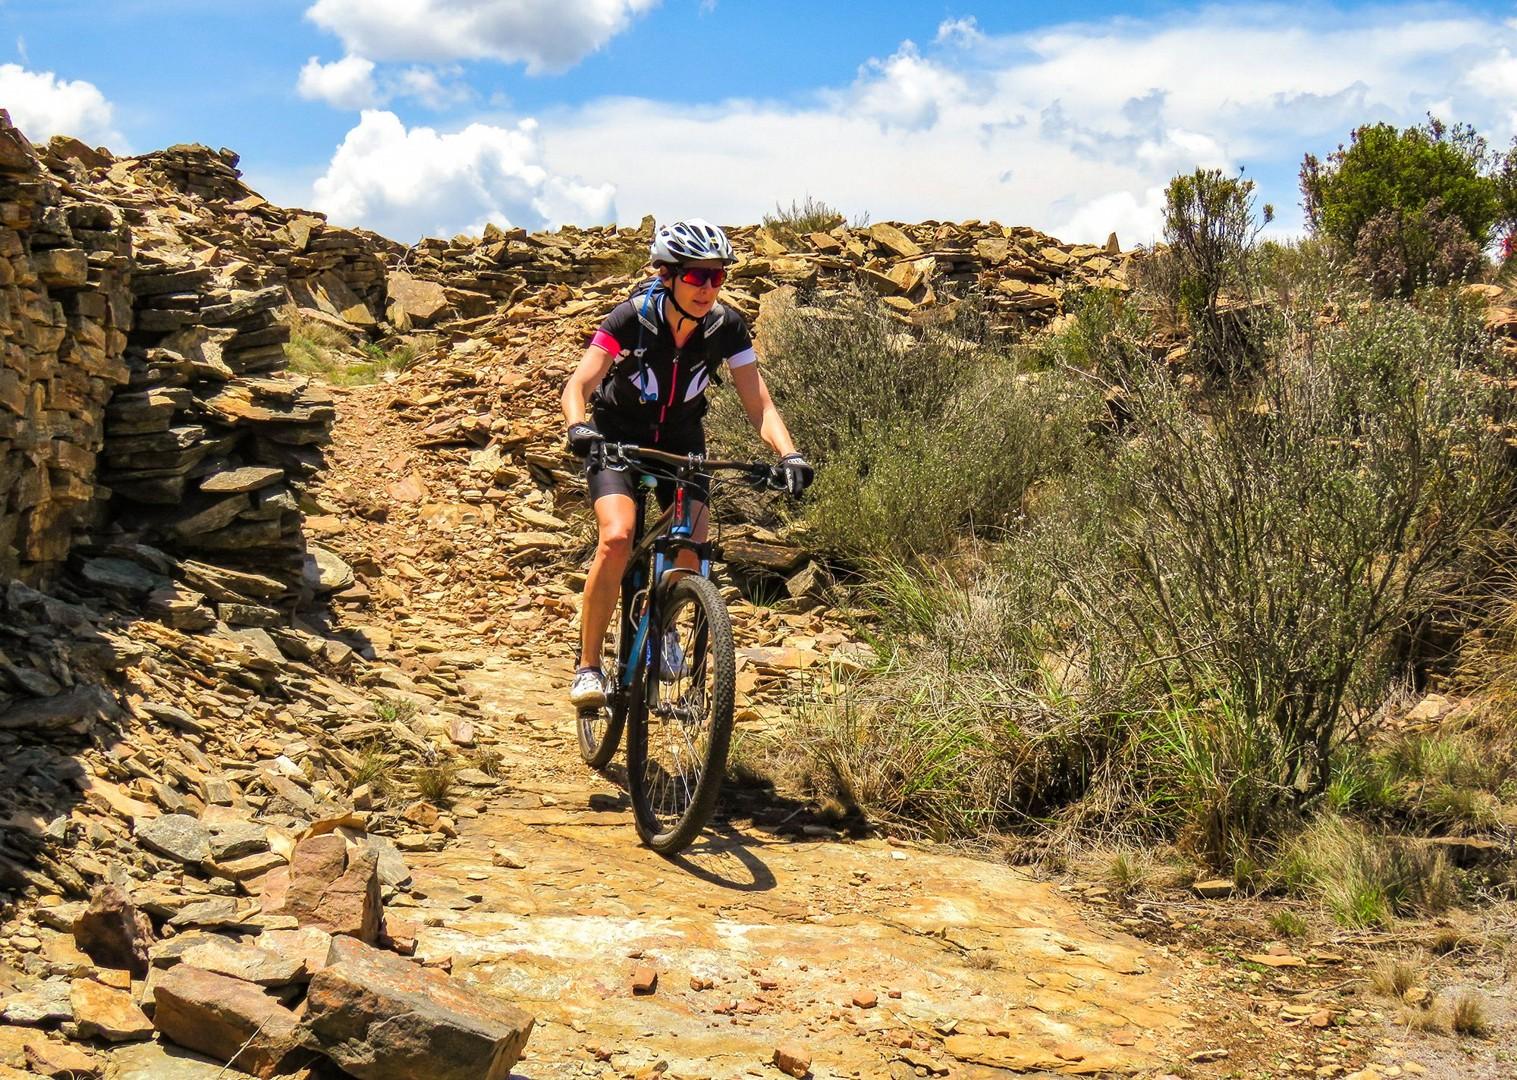 south-africa-and-botswana-guided-mtb-saddle-skedaddle-tour.jpg - NEW! South Africa and Botswana - Mountain Biking